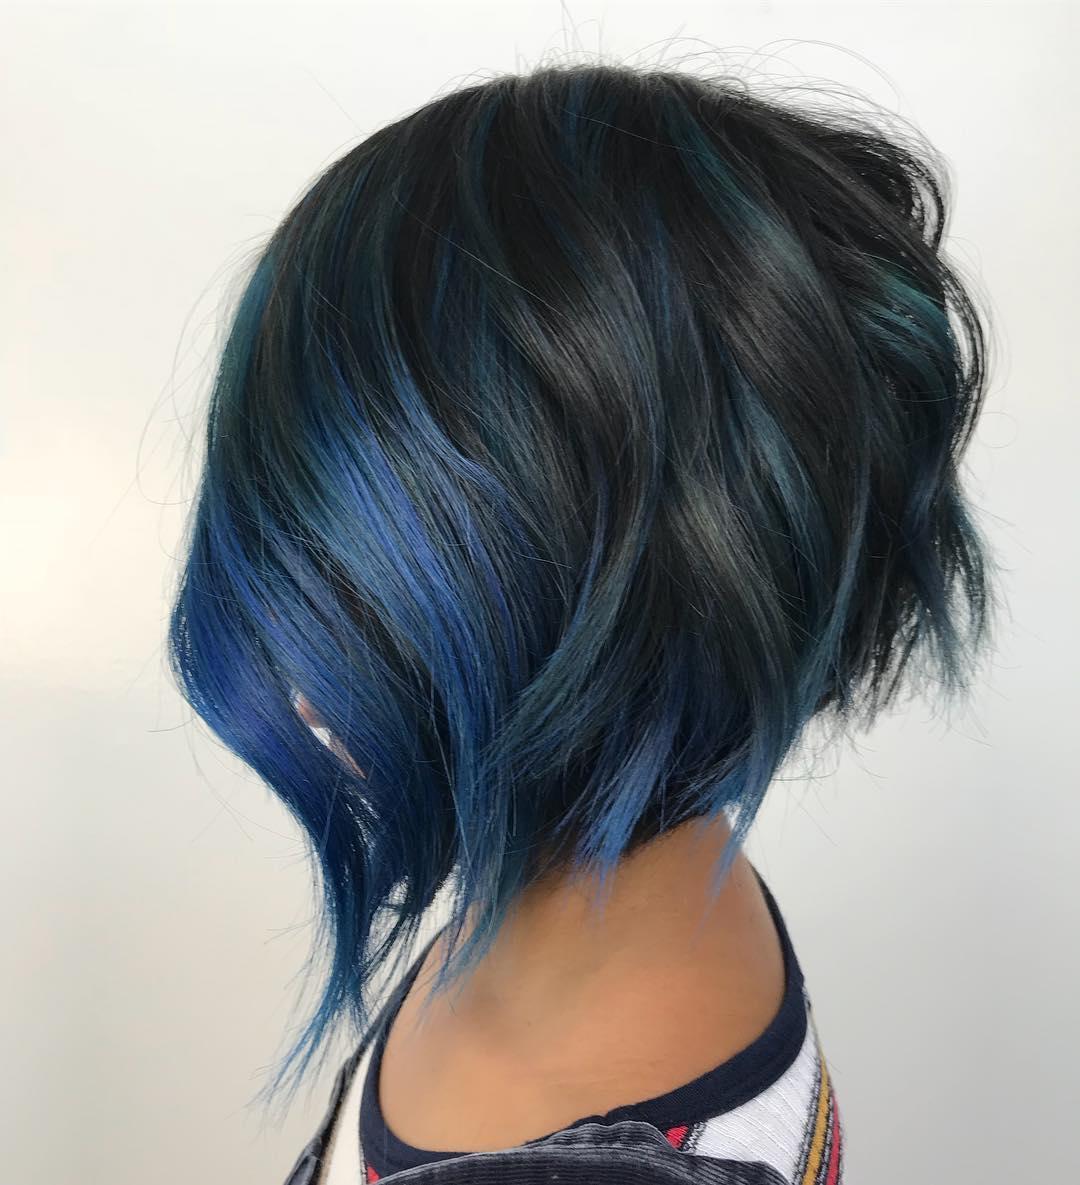 Укладка на короткие волосы с объемом фото 2